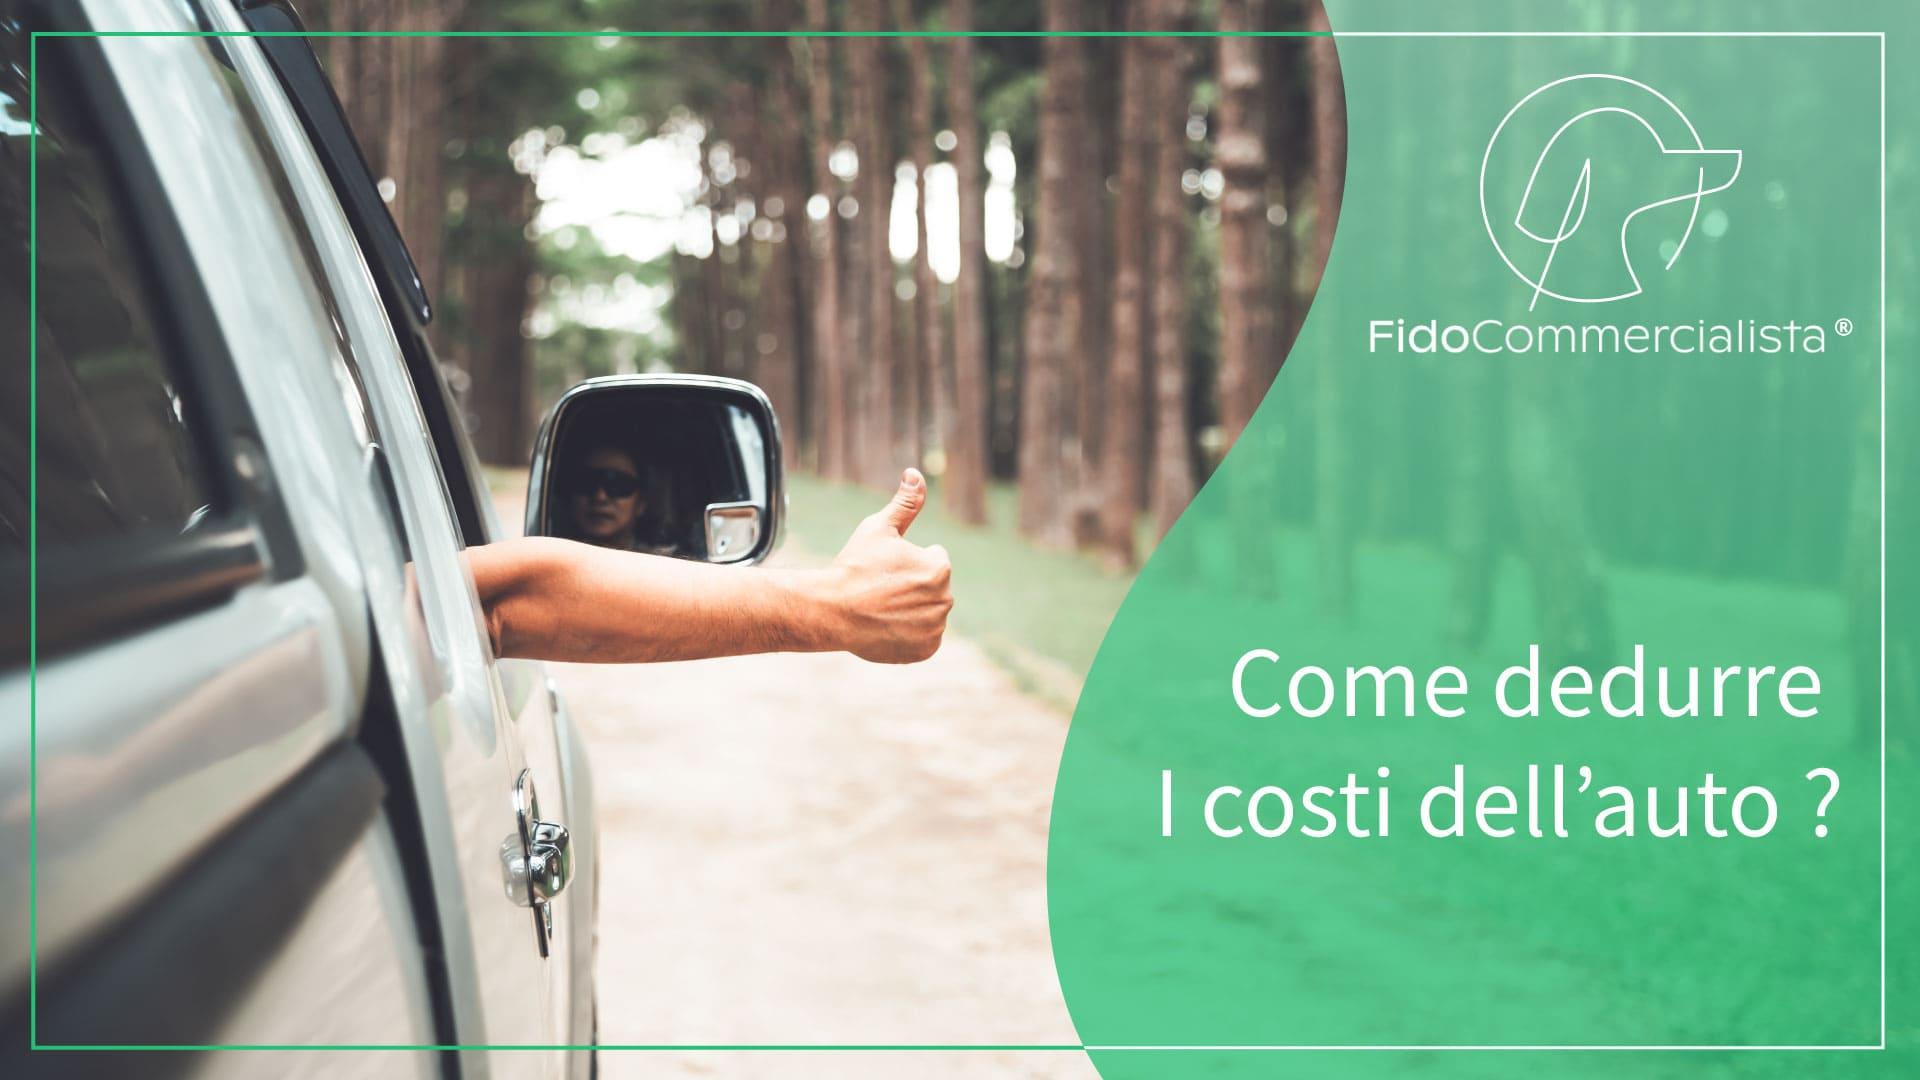 Dedurre-costi-auto-featured